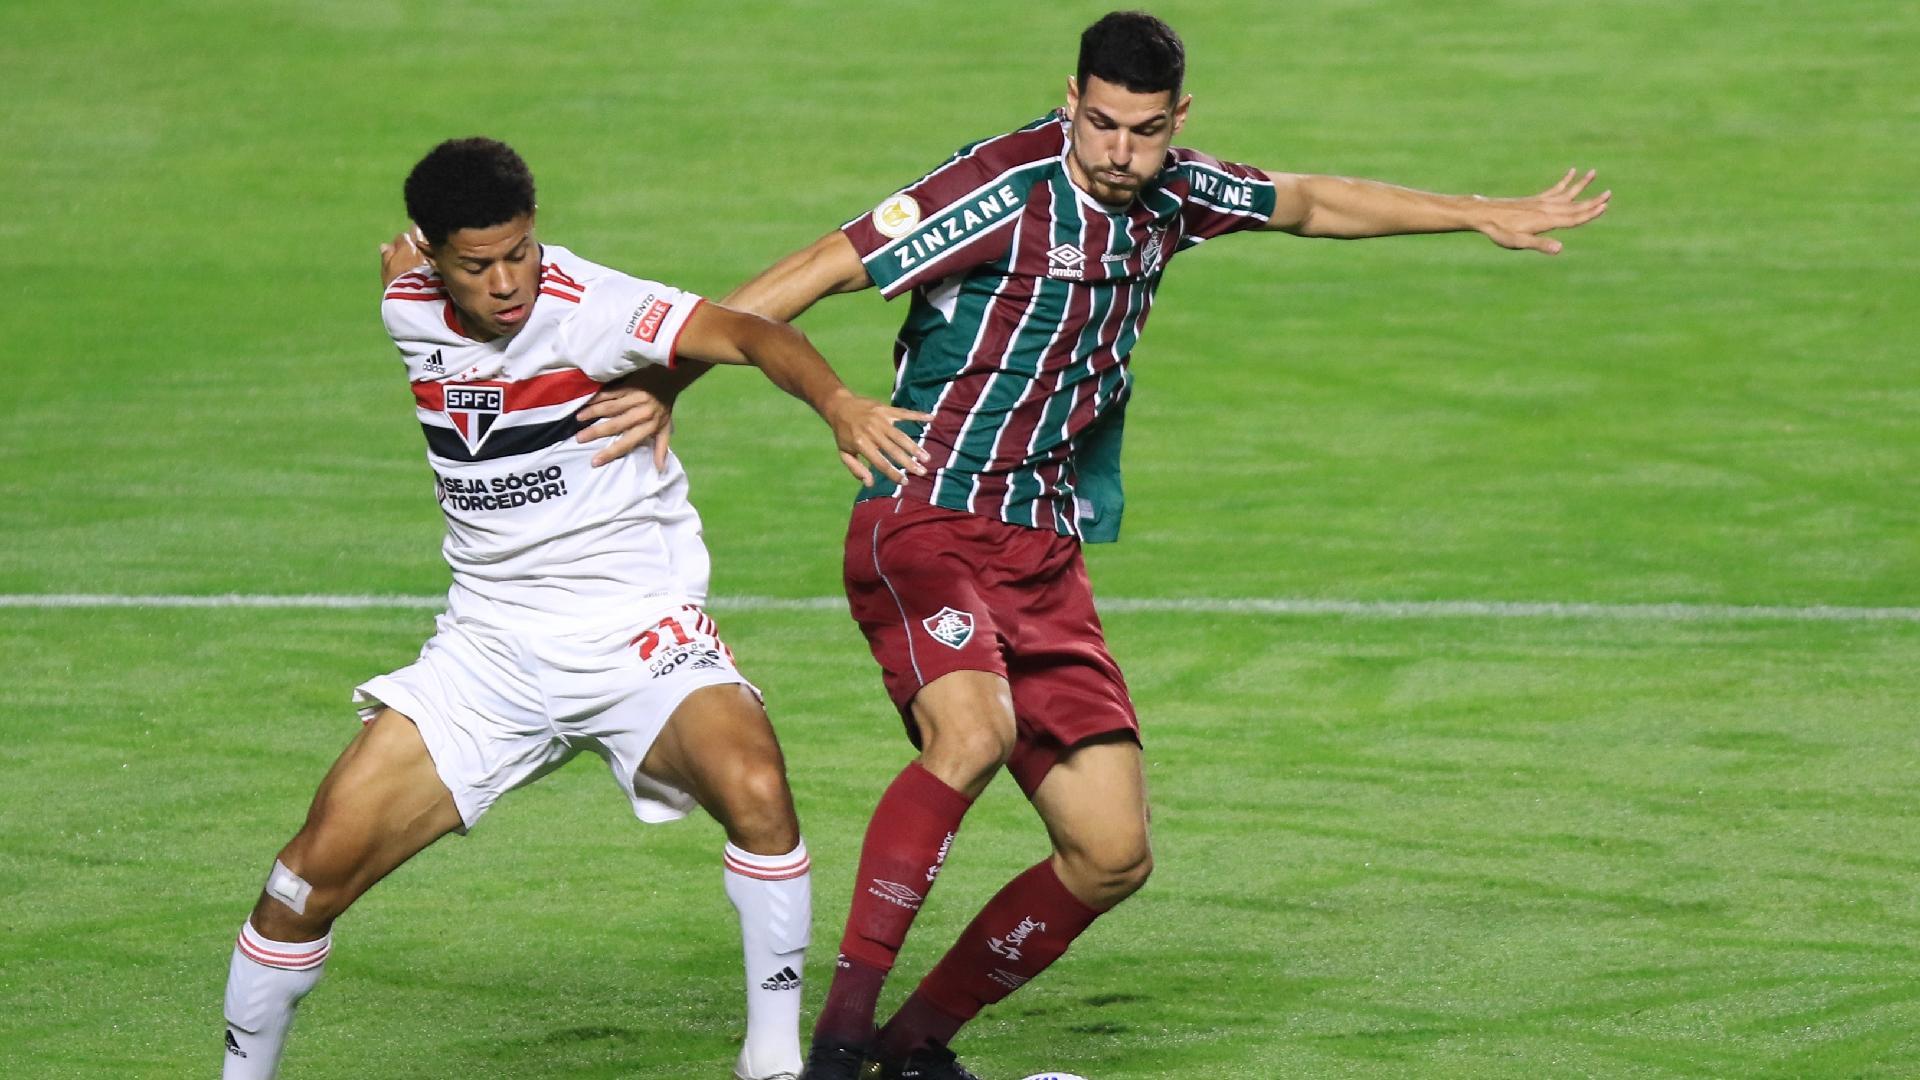 Nino, zagueiro do Fluminense, durante partida contra o São Paulo